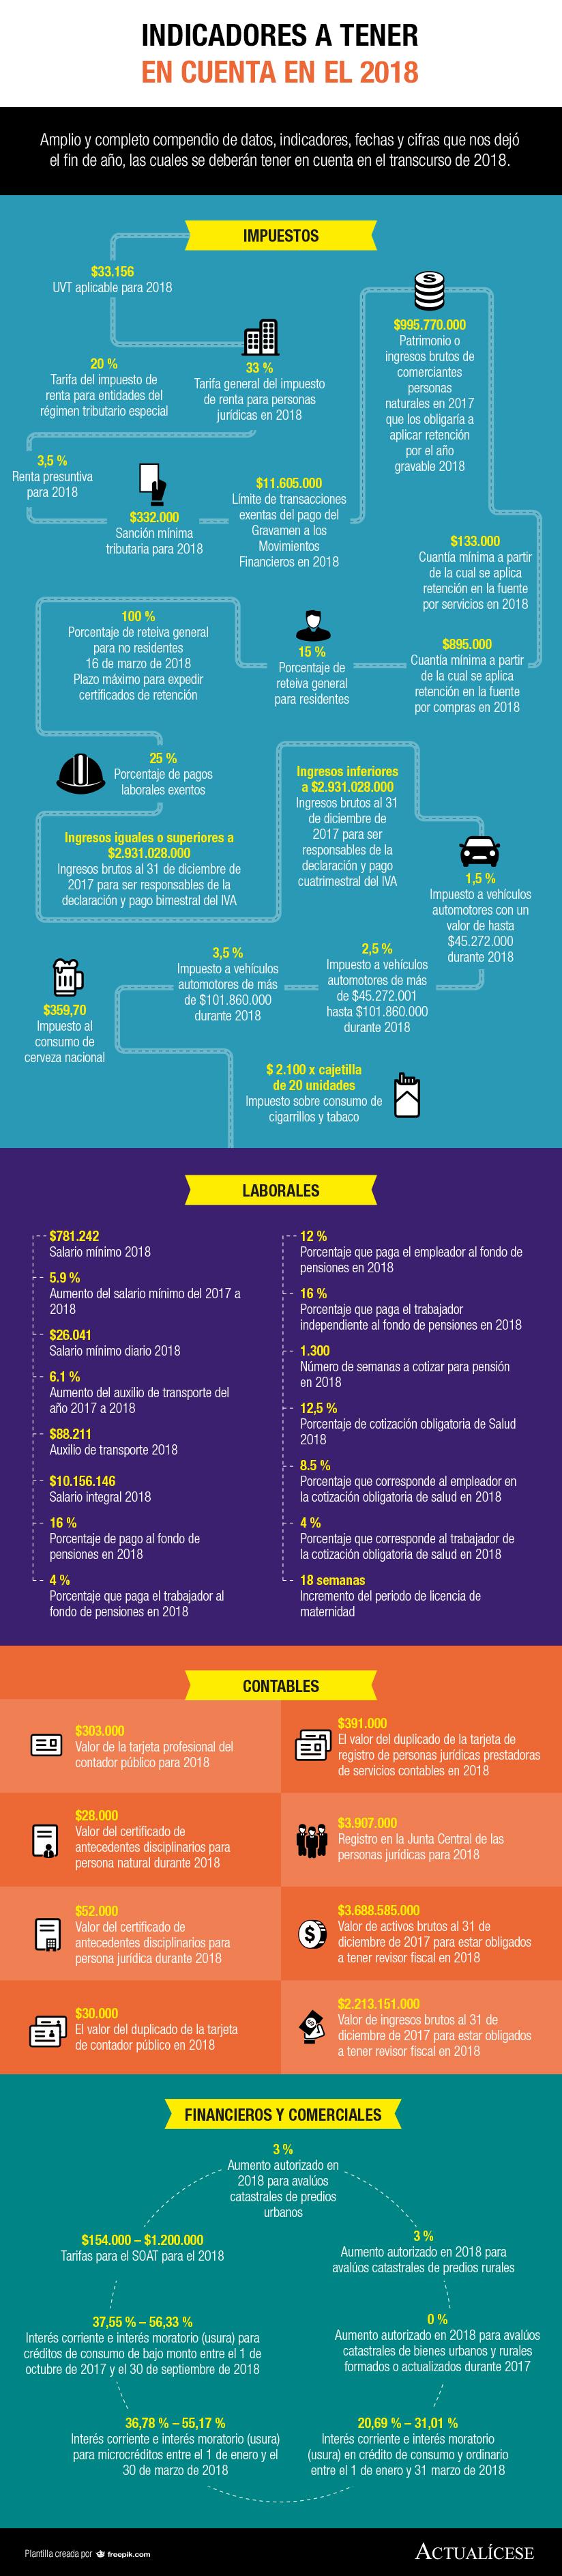 [Infografía] Indicadores 2018